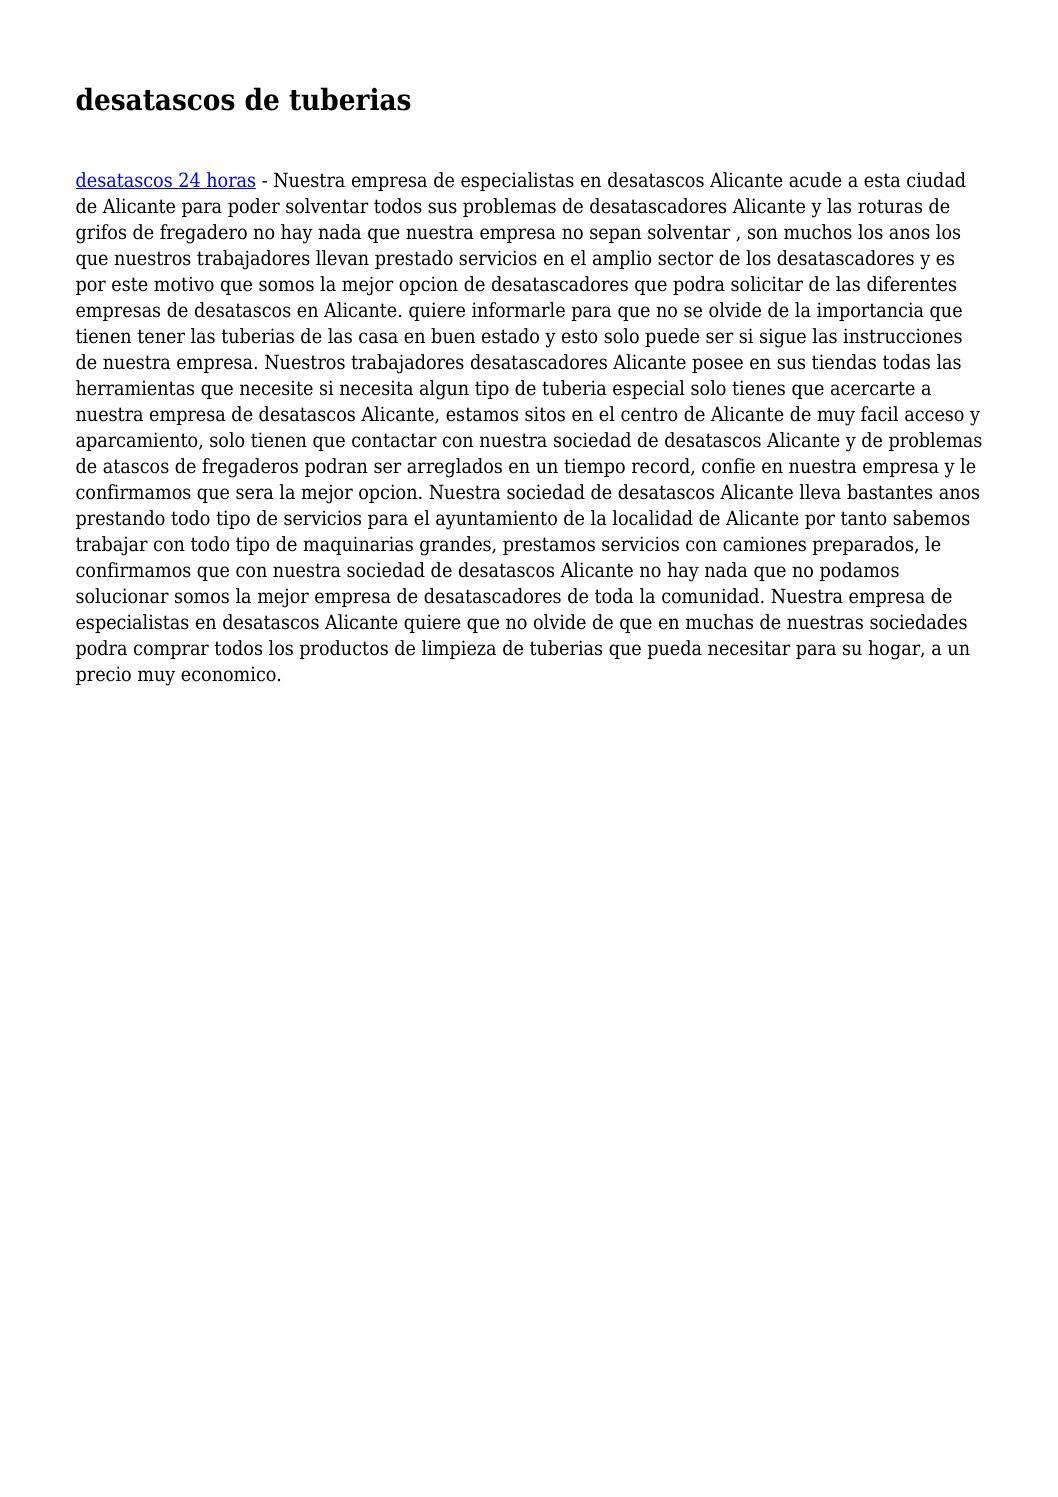 Desatascos de tuberias by dono1234 issuu - Desatascadores de tuberias ...